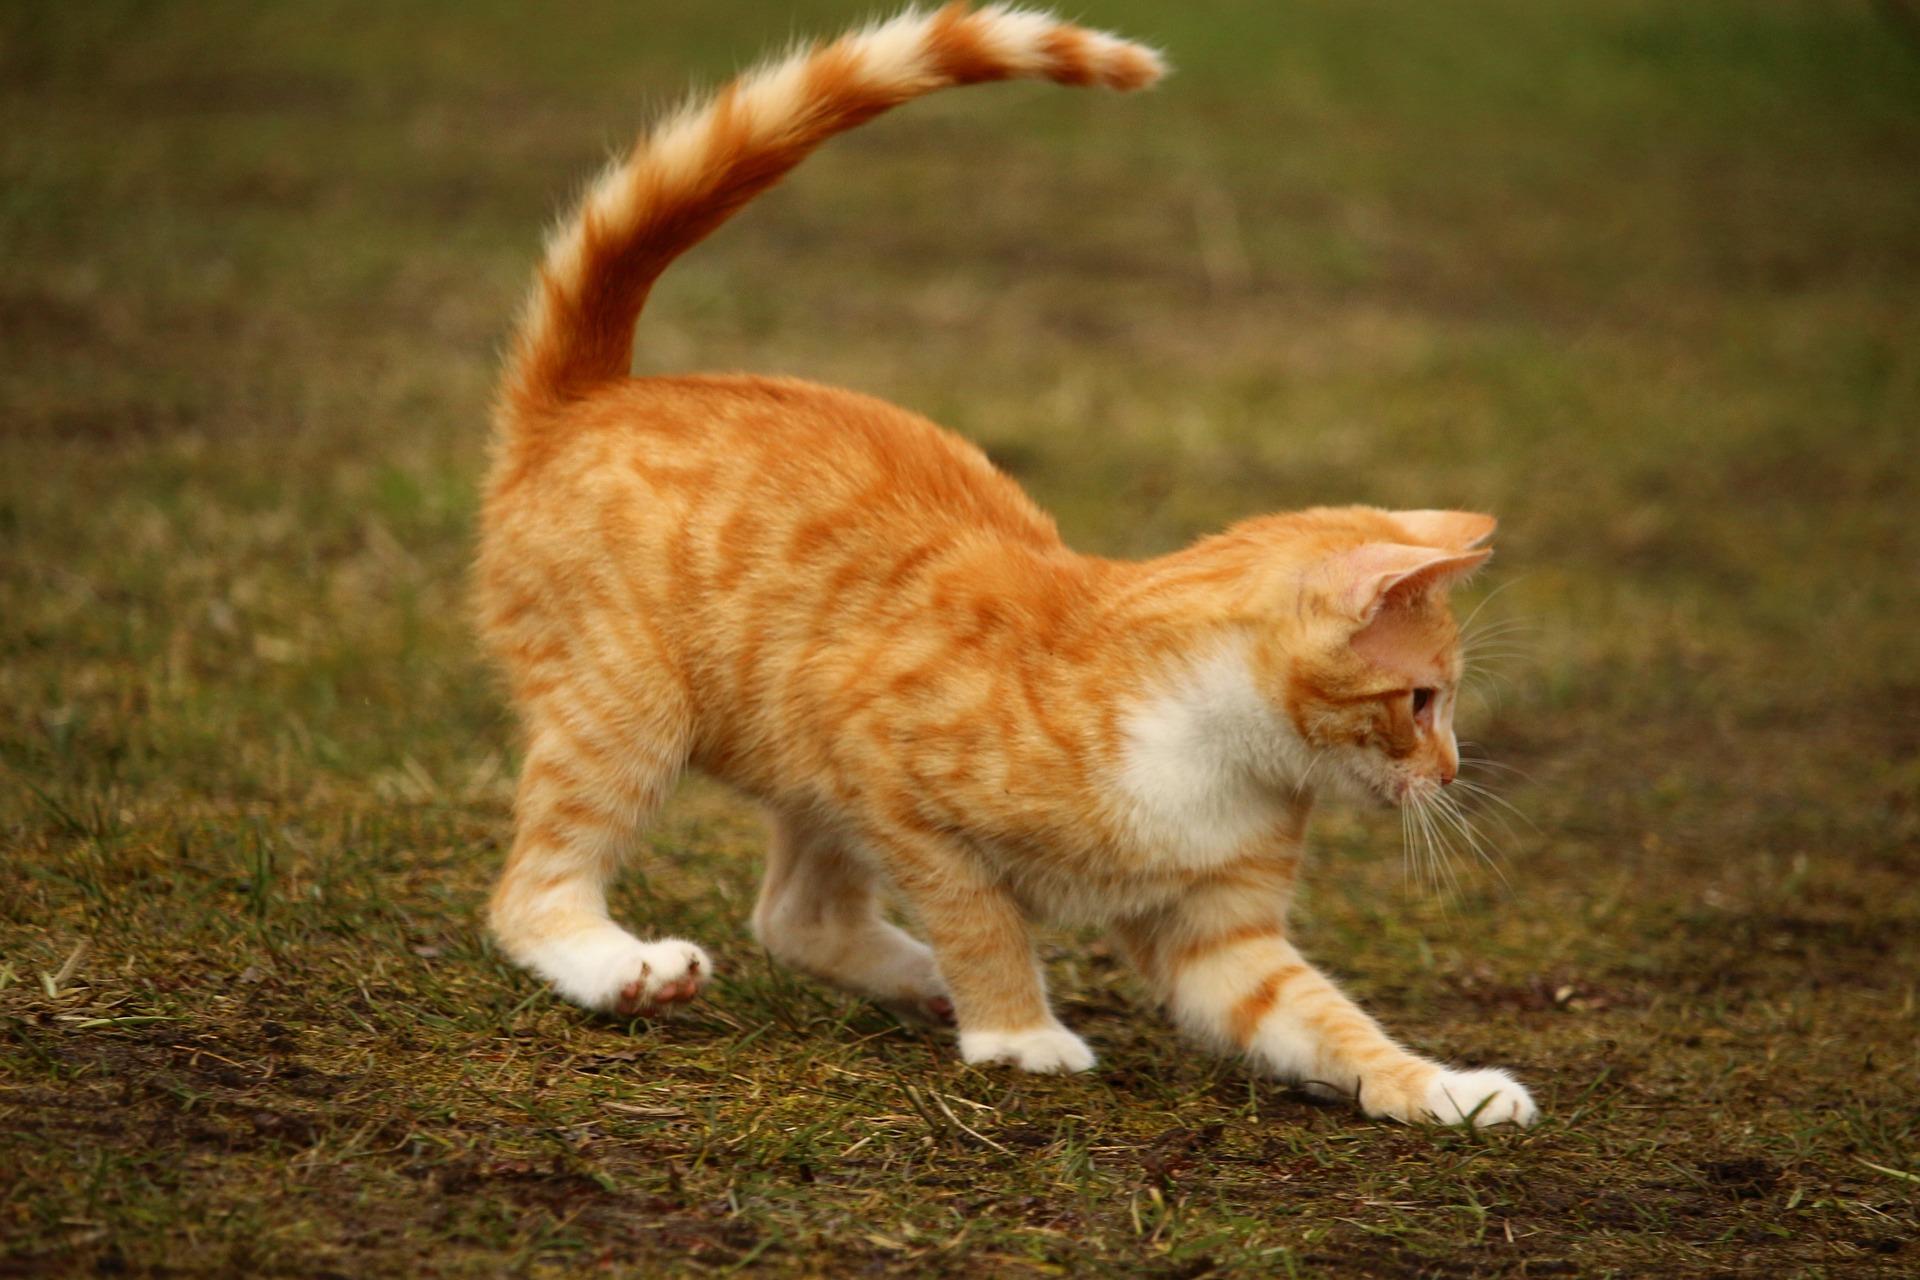 猫背などの姿勢改善すると、メンタル面での変化はありますか?の質問について